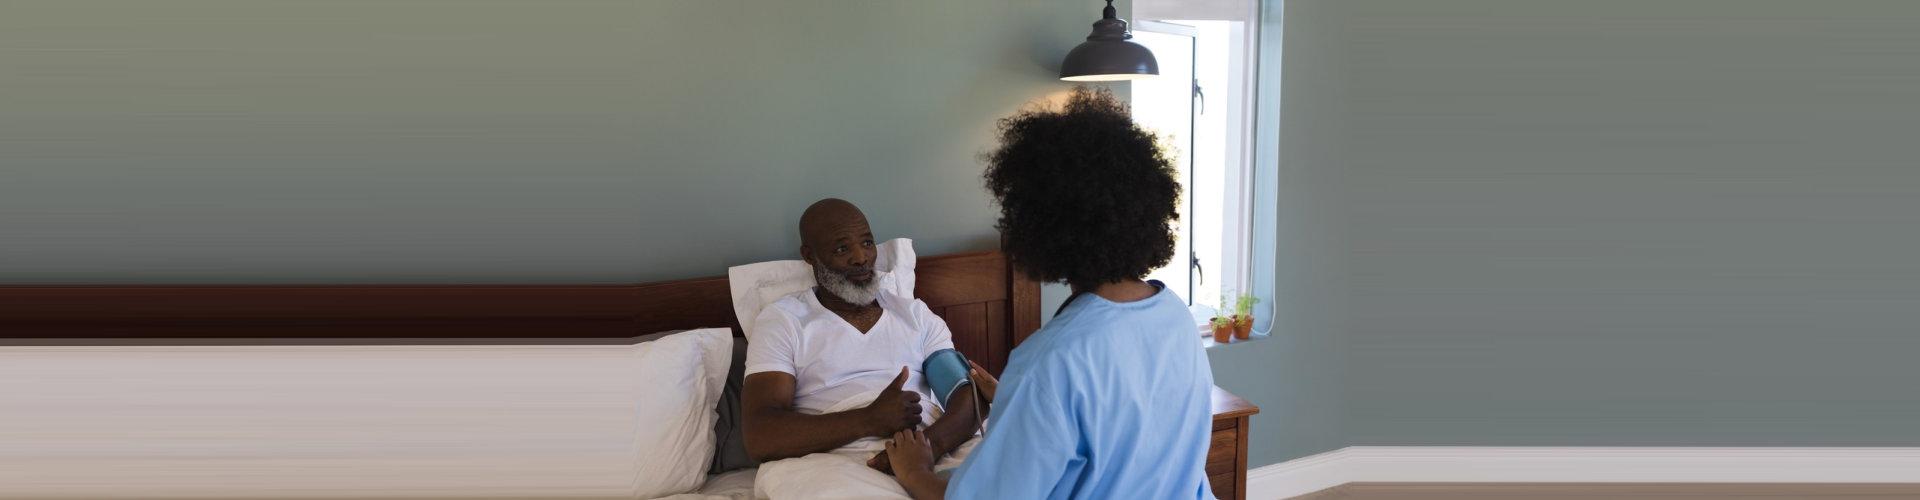 caregiver checking a senior man